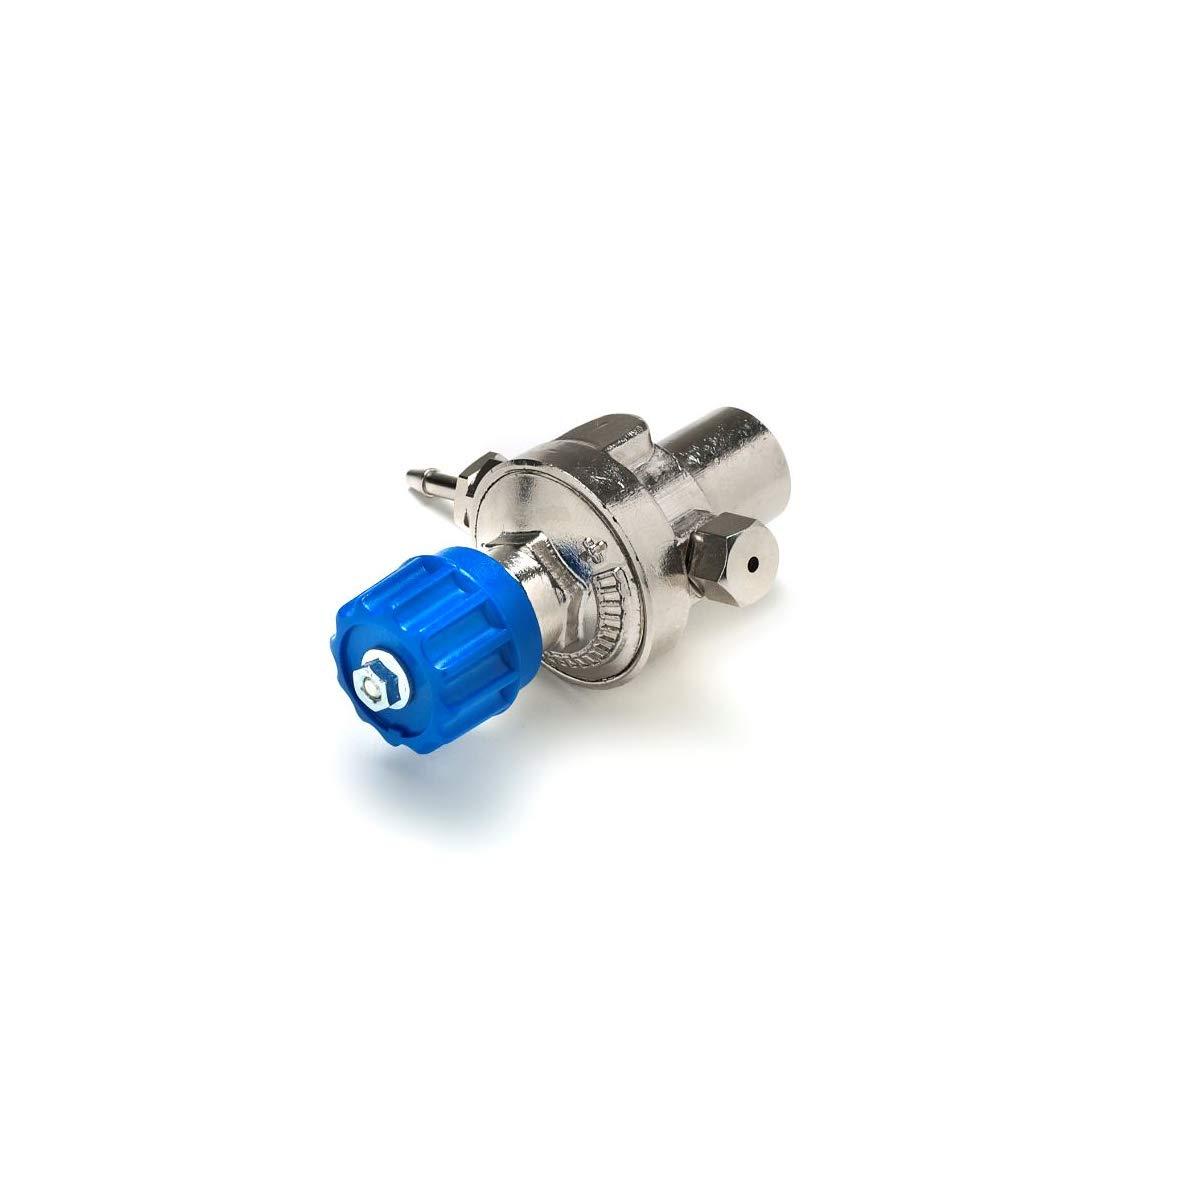 D/étendeur pour bouteilles Oxyg/ène M12 x 1 Chalumeau BI GAZ Providus